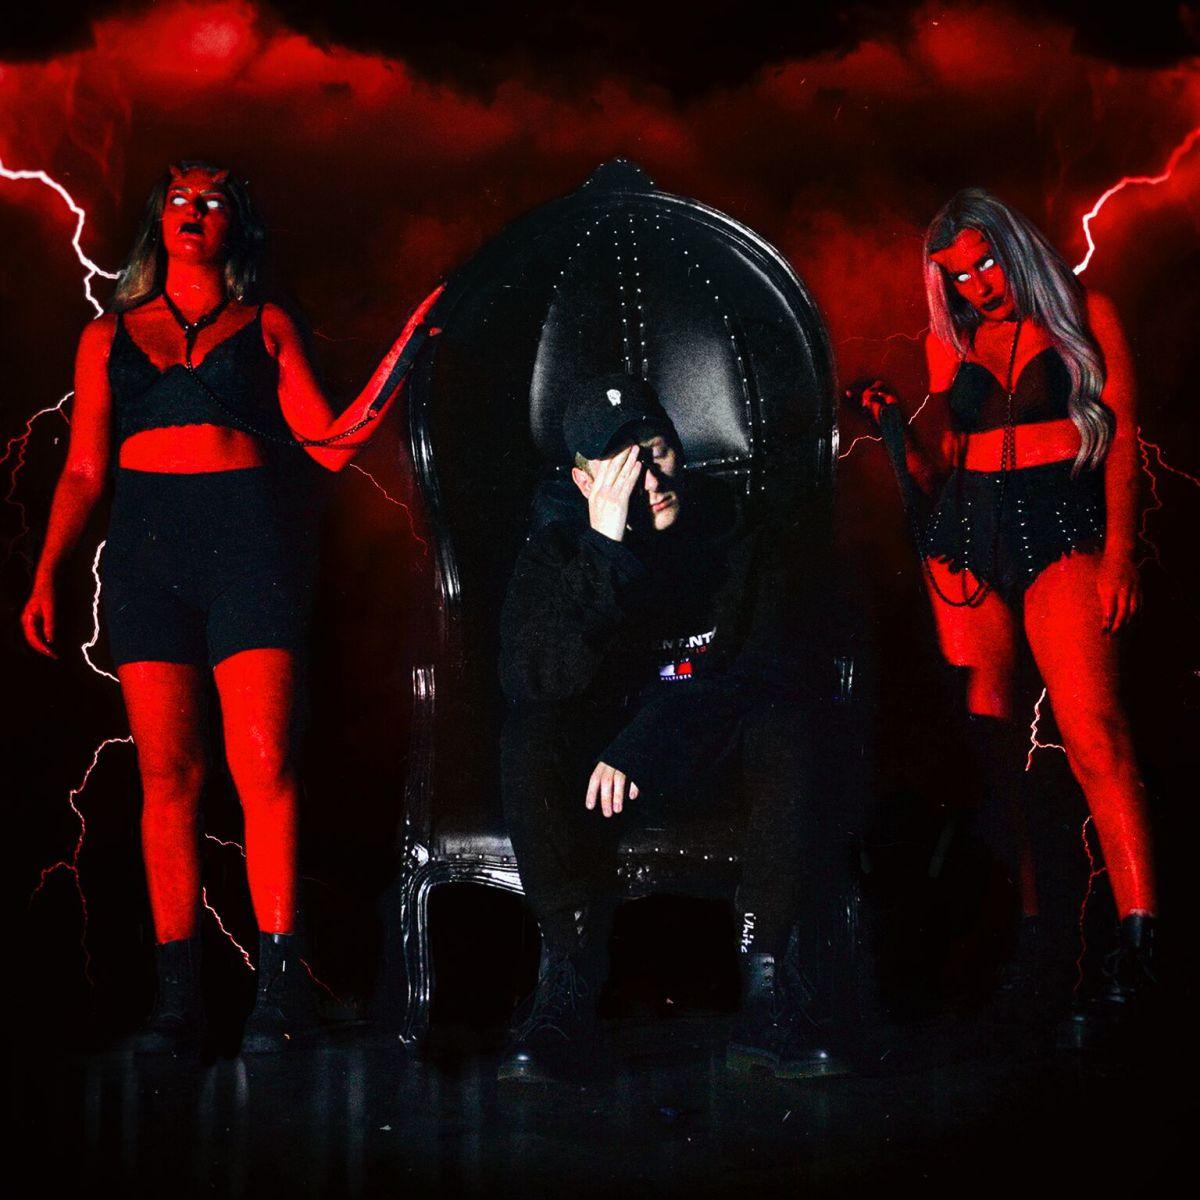 Tisoki Evil As Hell Album Art